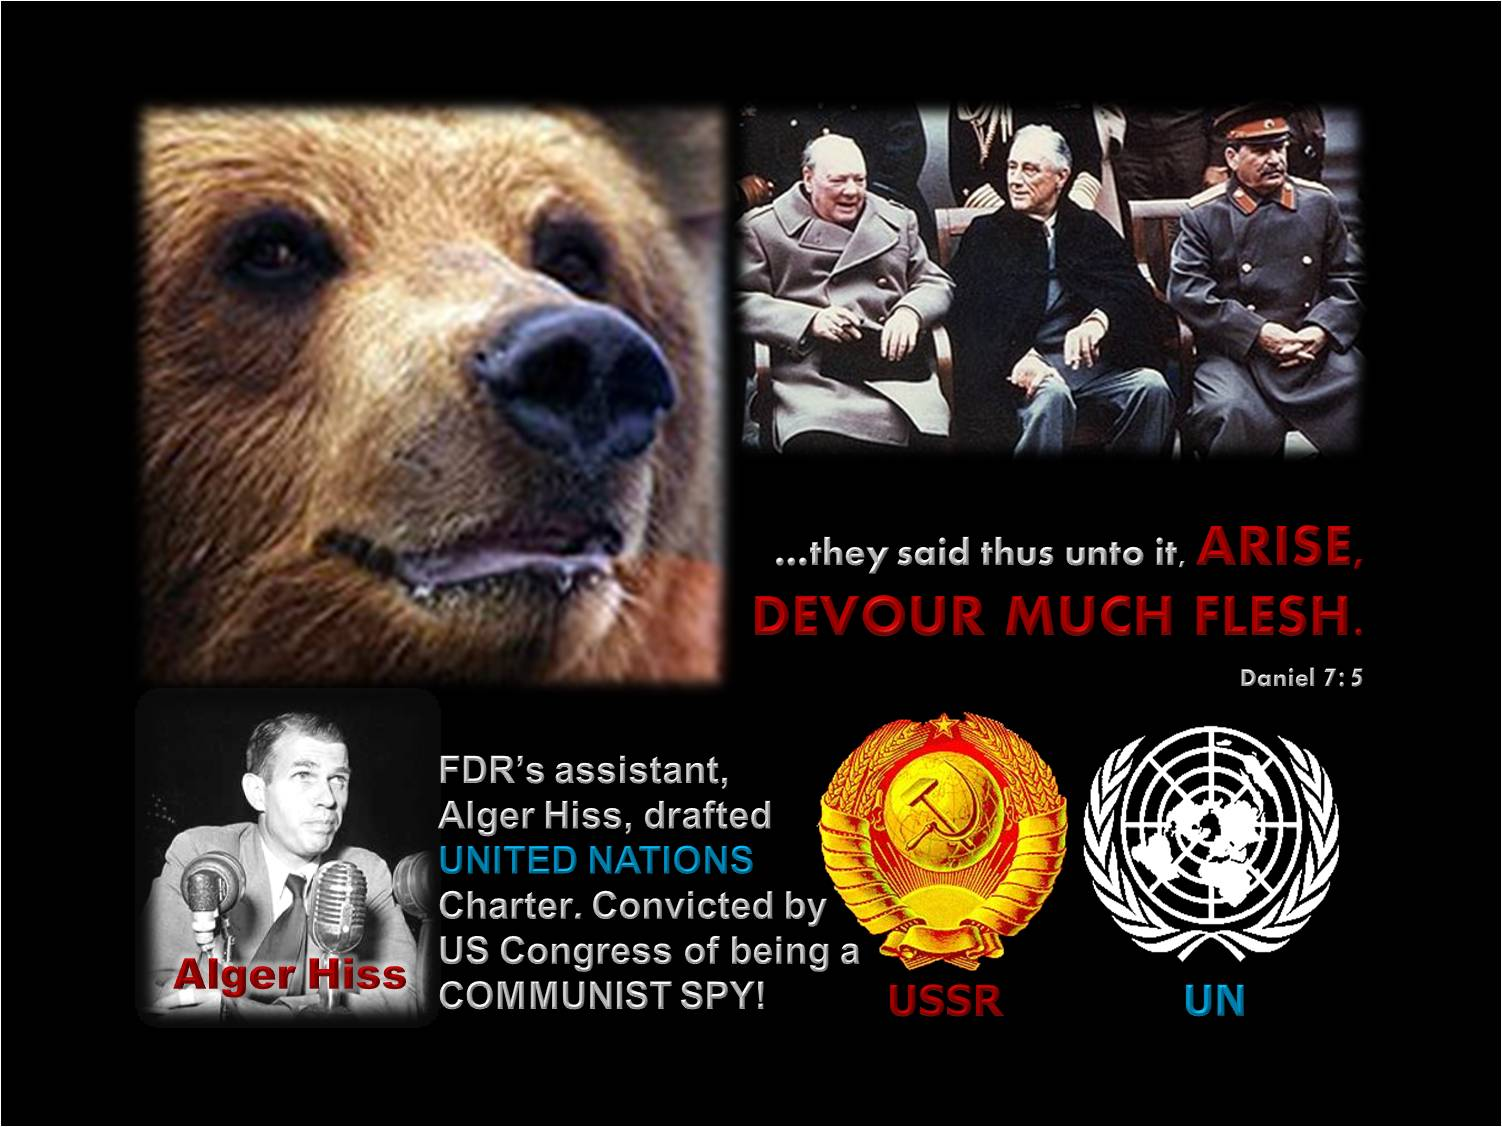 UN - Alger Hiss